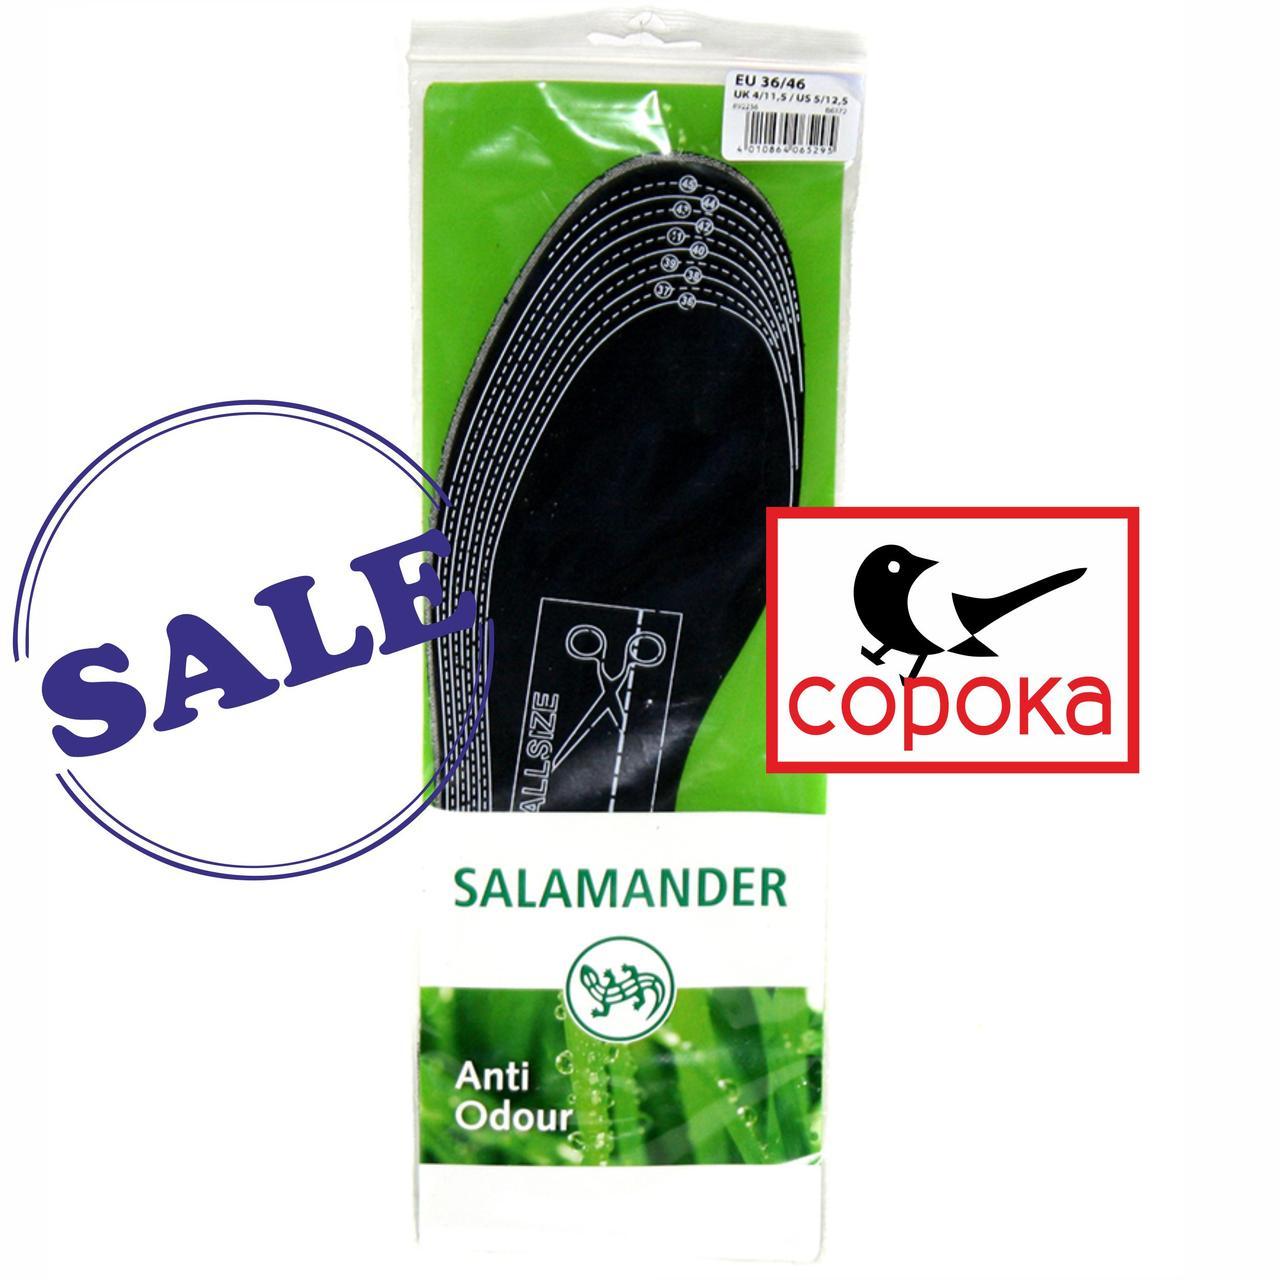 Стелька Salamander Anti Odor антизапах с угольным сорбентом обрезная 36-46р